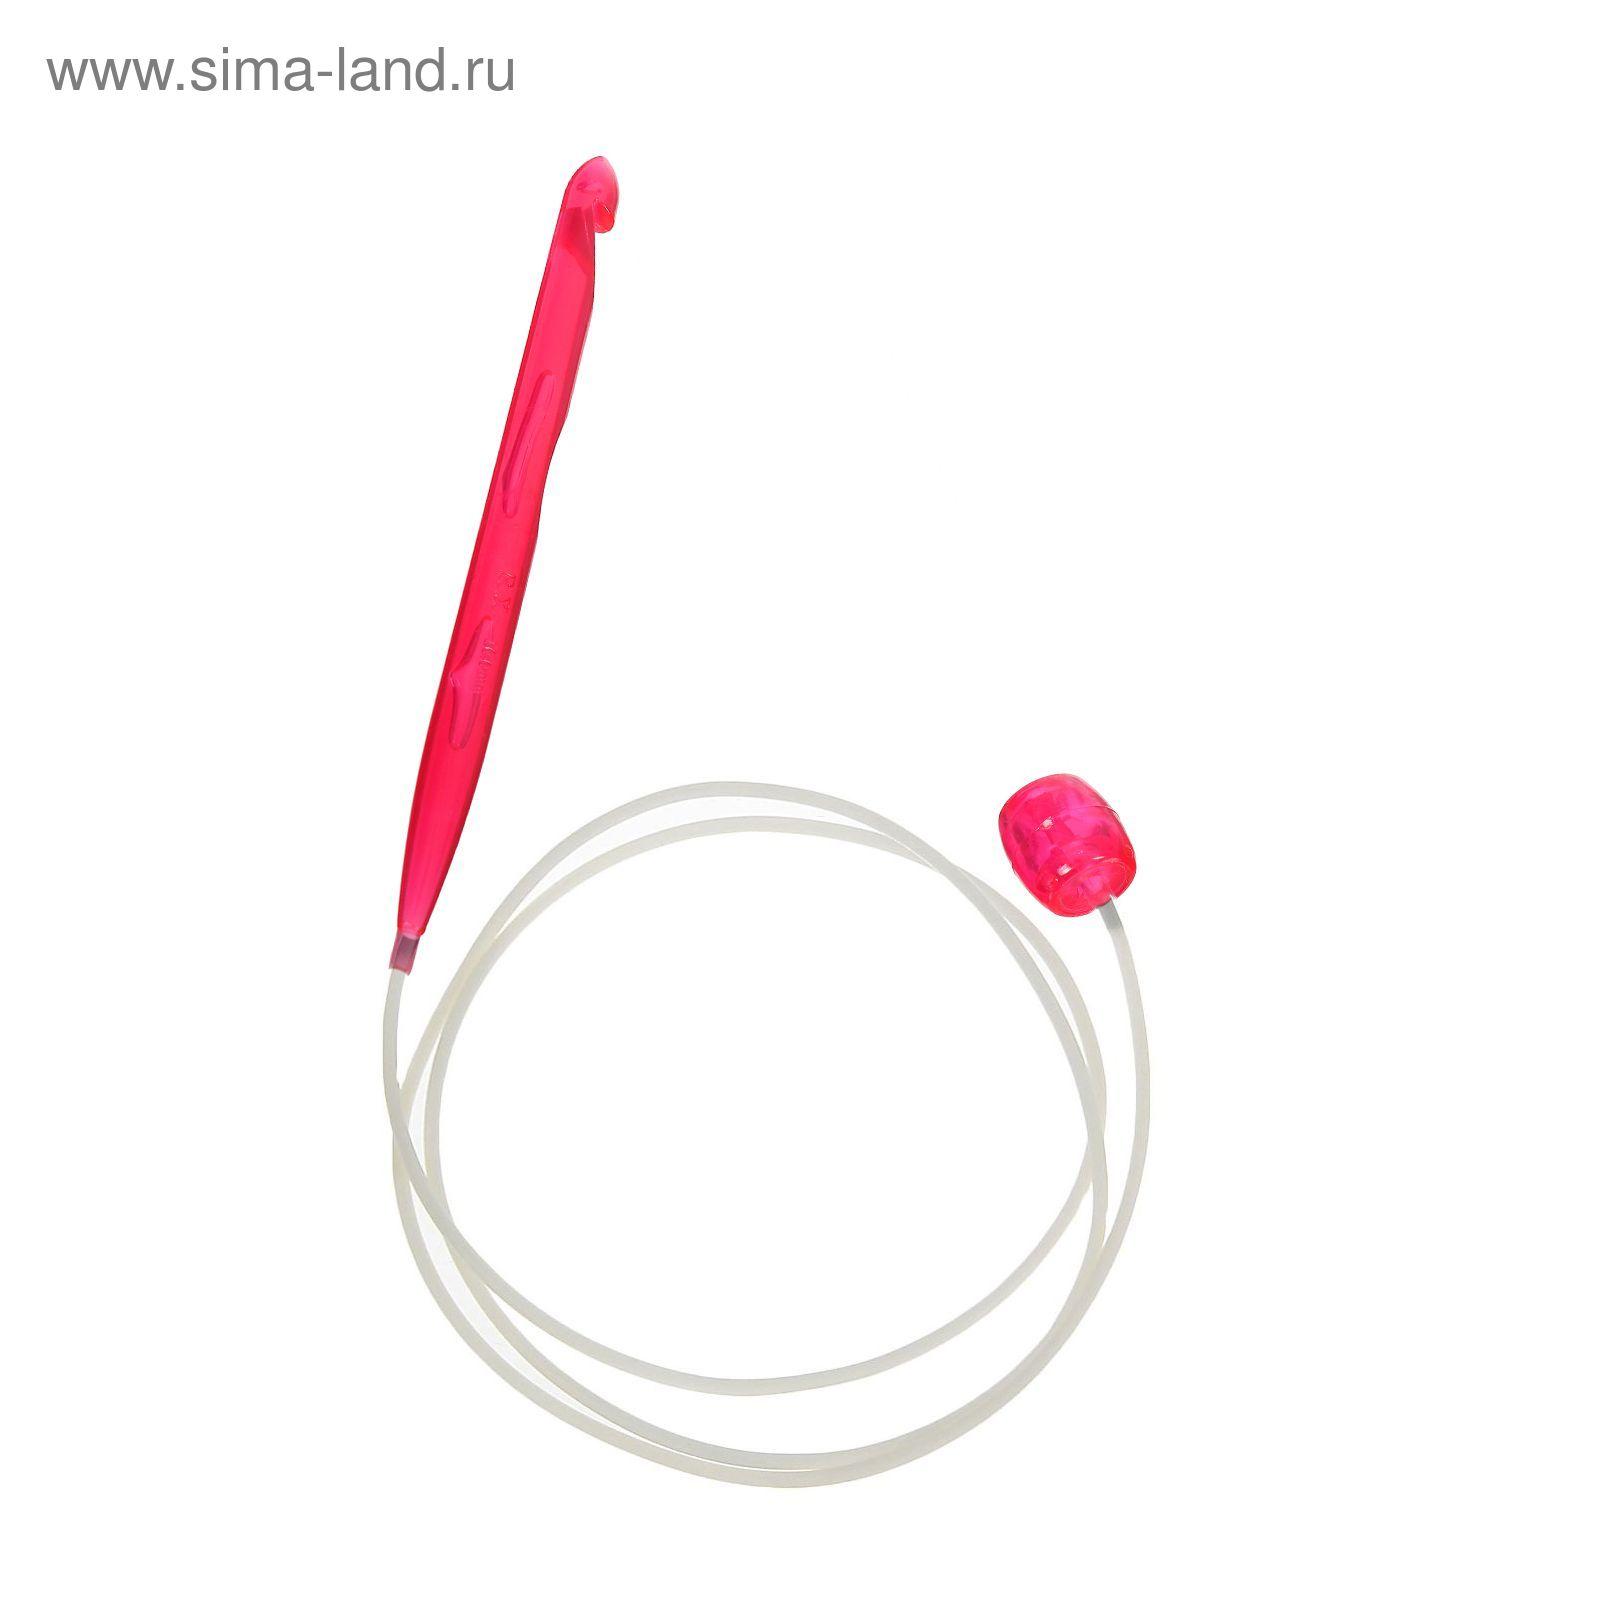 крючок для вязания тунисский пластиковый с силиконовой леской D